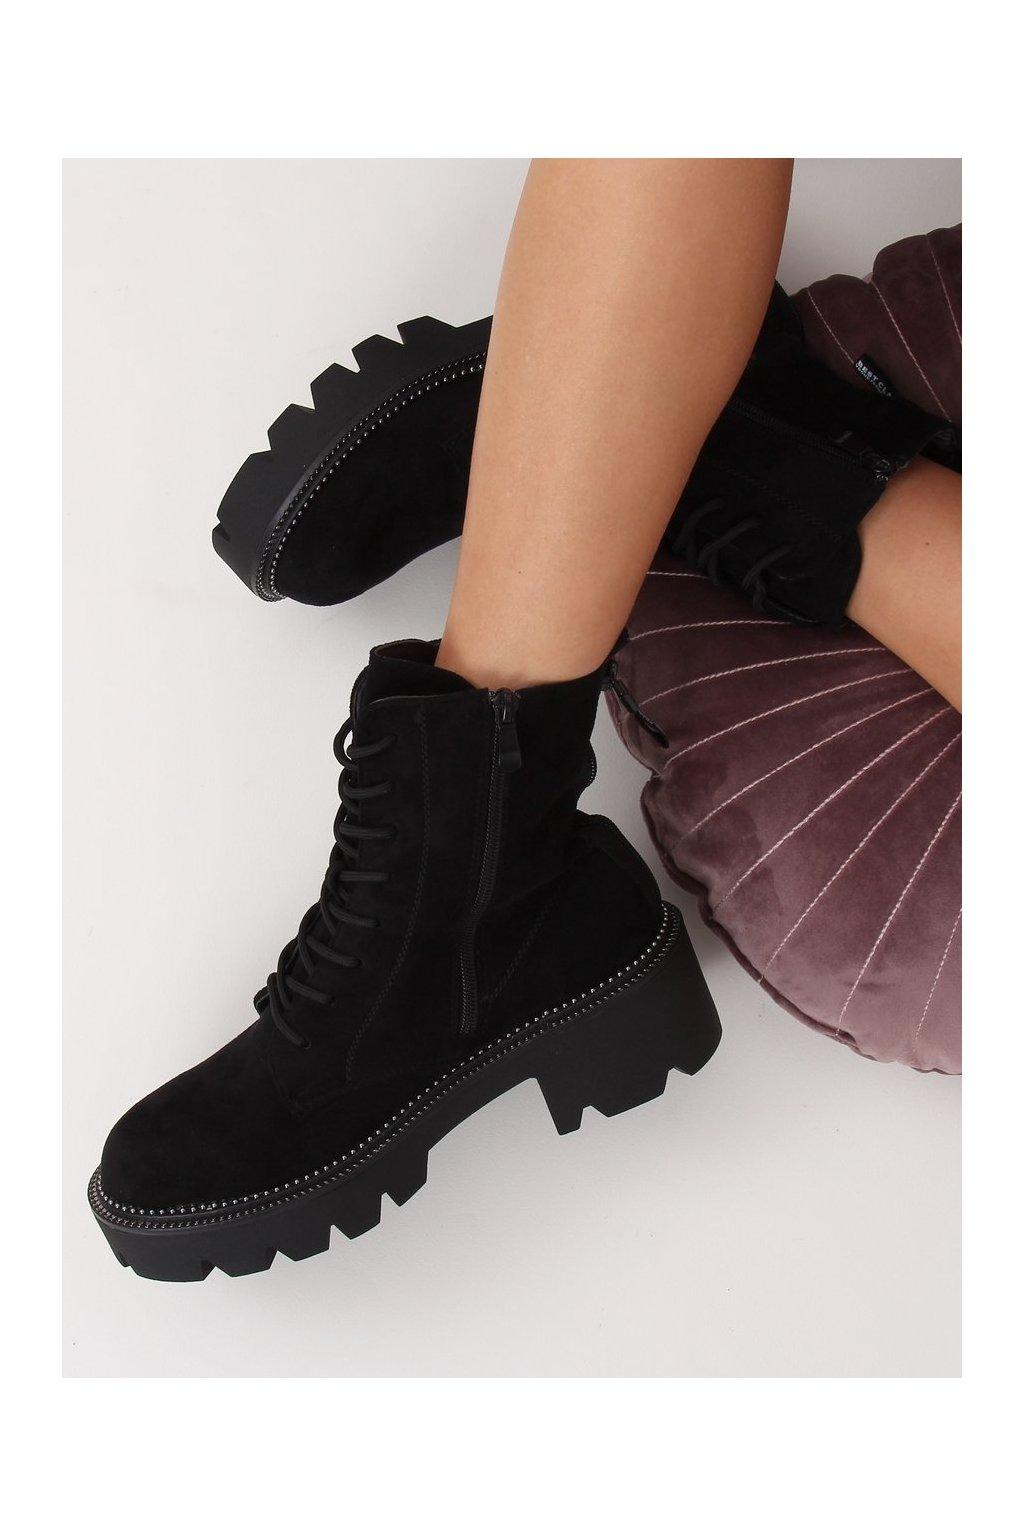 Dámske členkové topánky čierne na širokom podpätku UK13P